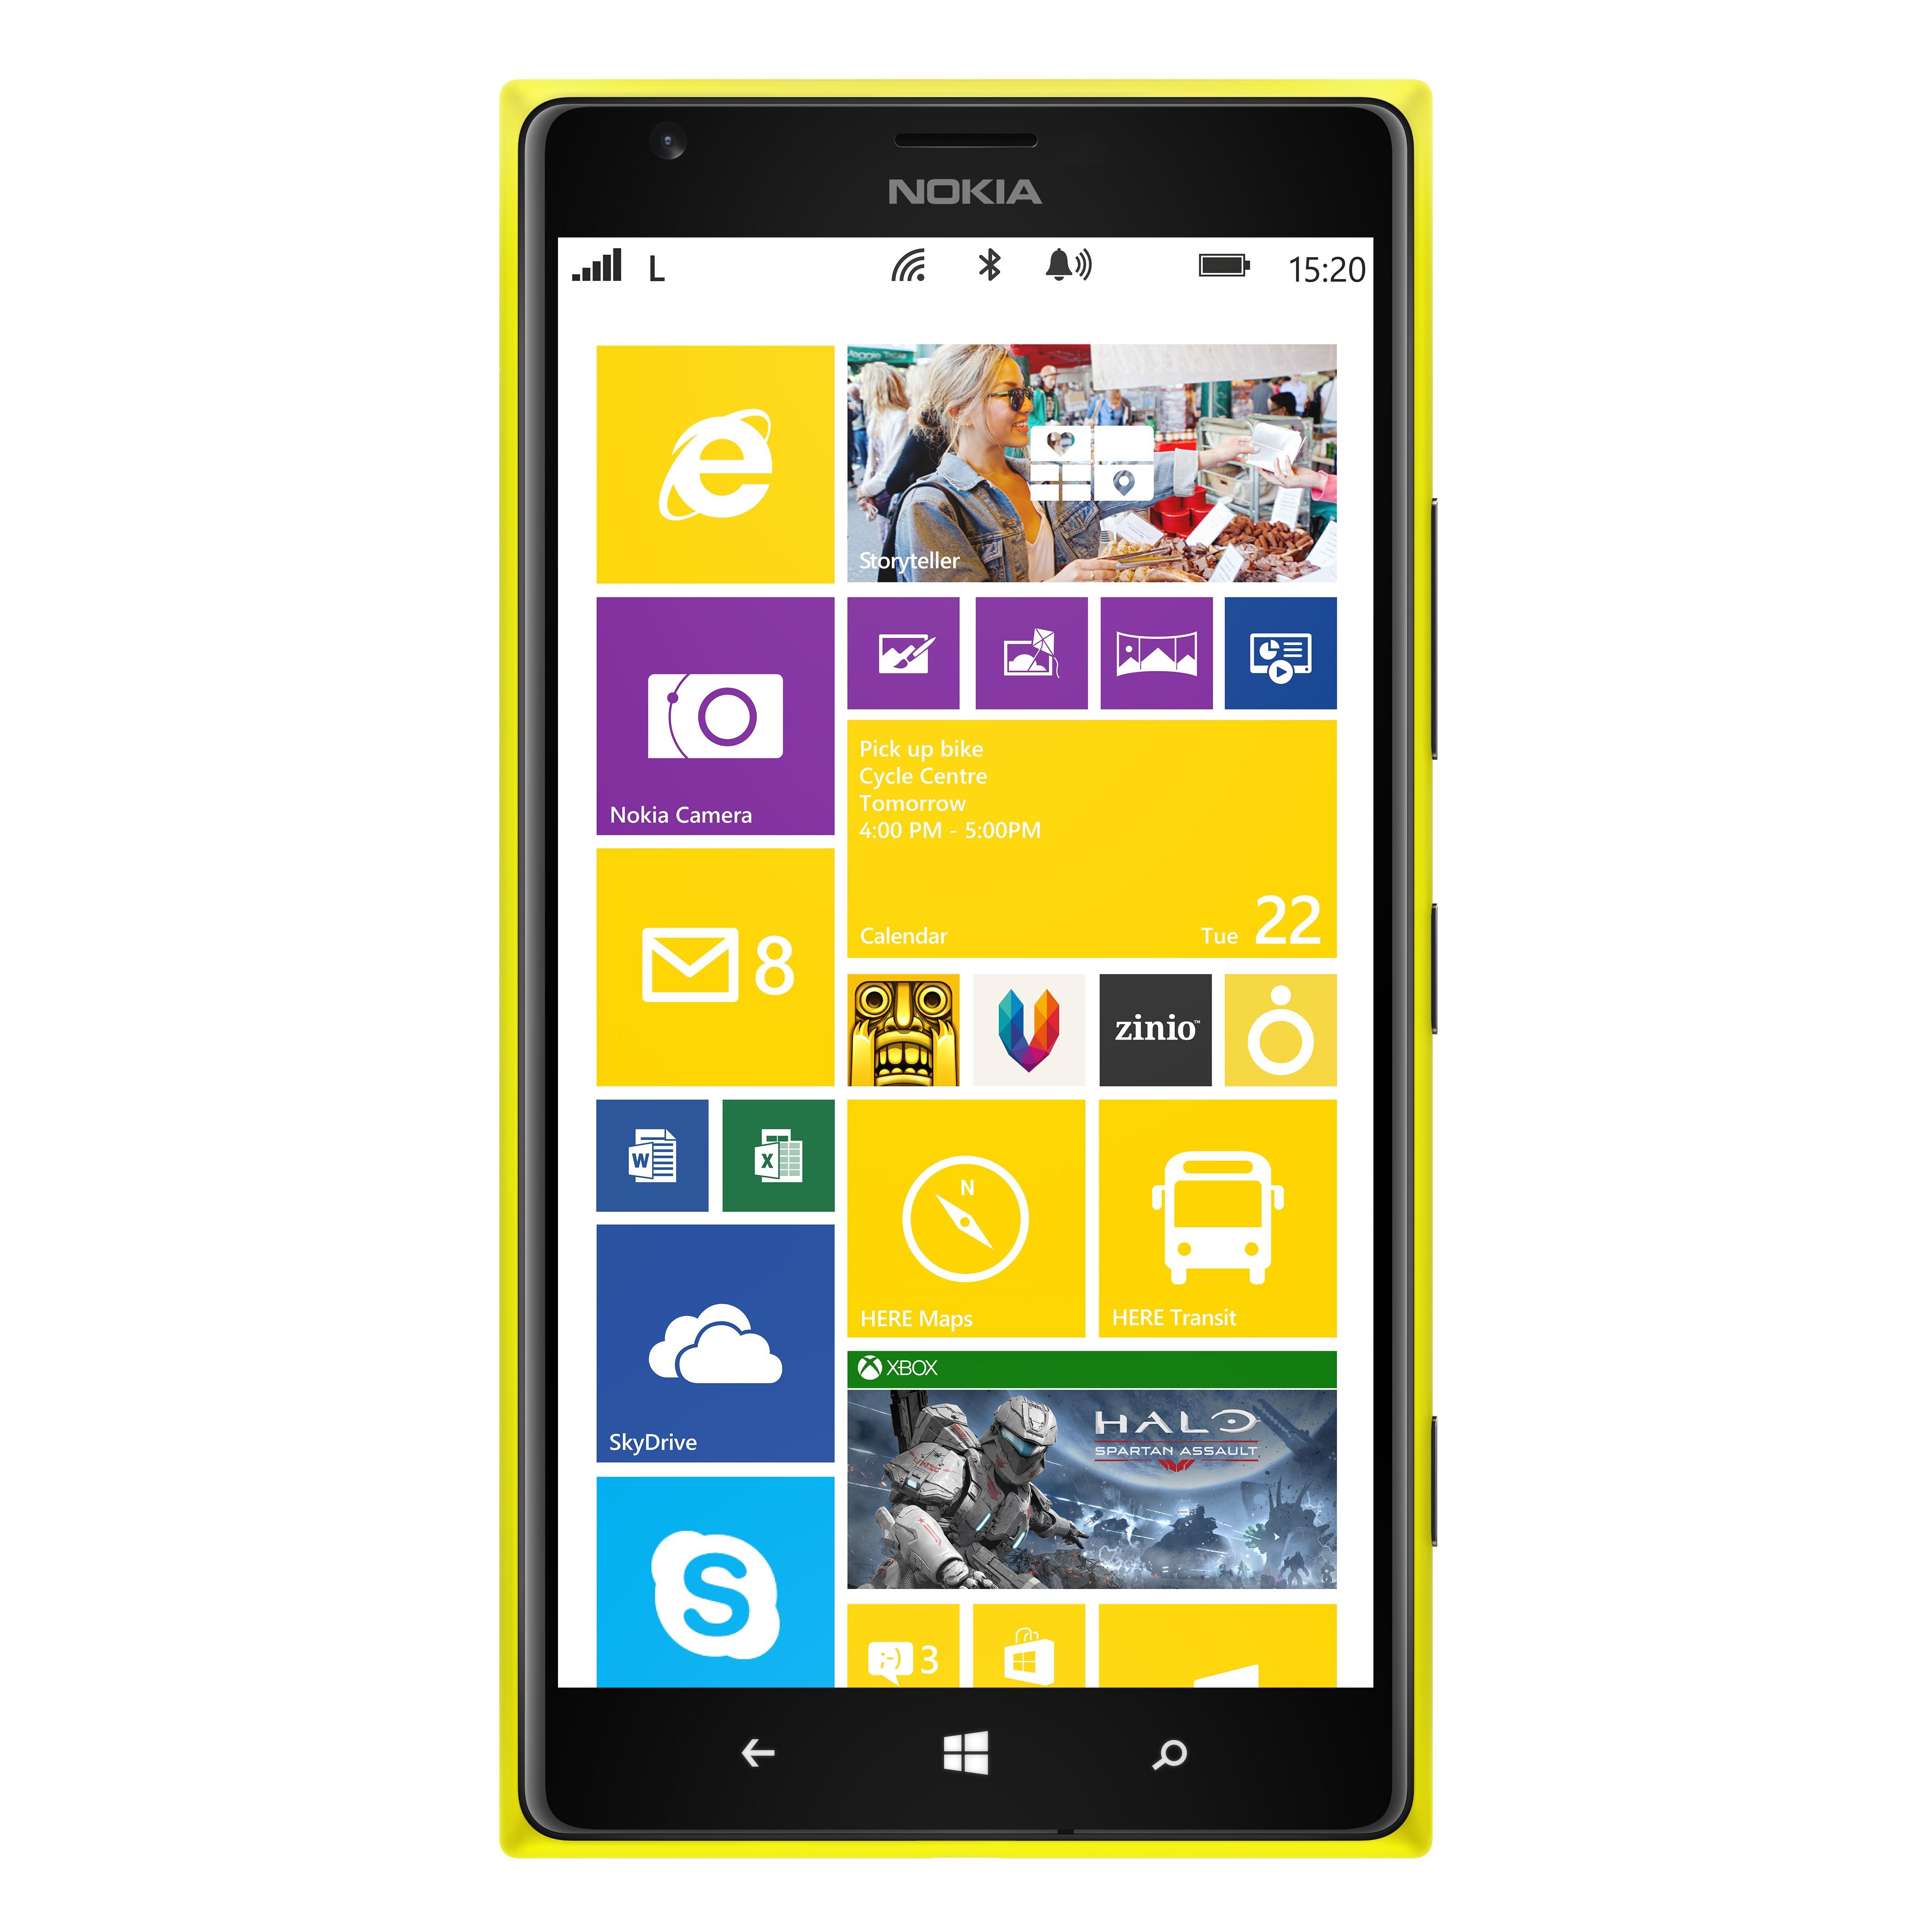 Khám phá siêu phẩm Lumia 1520